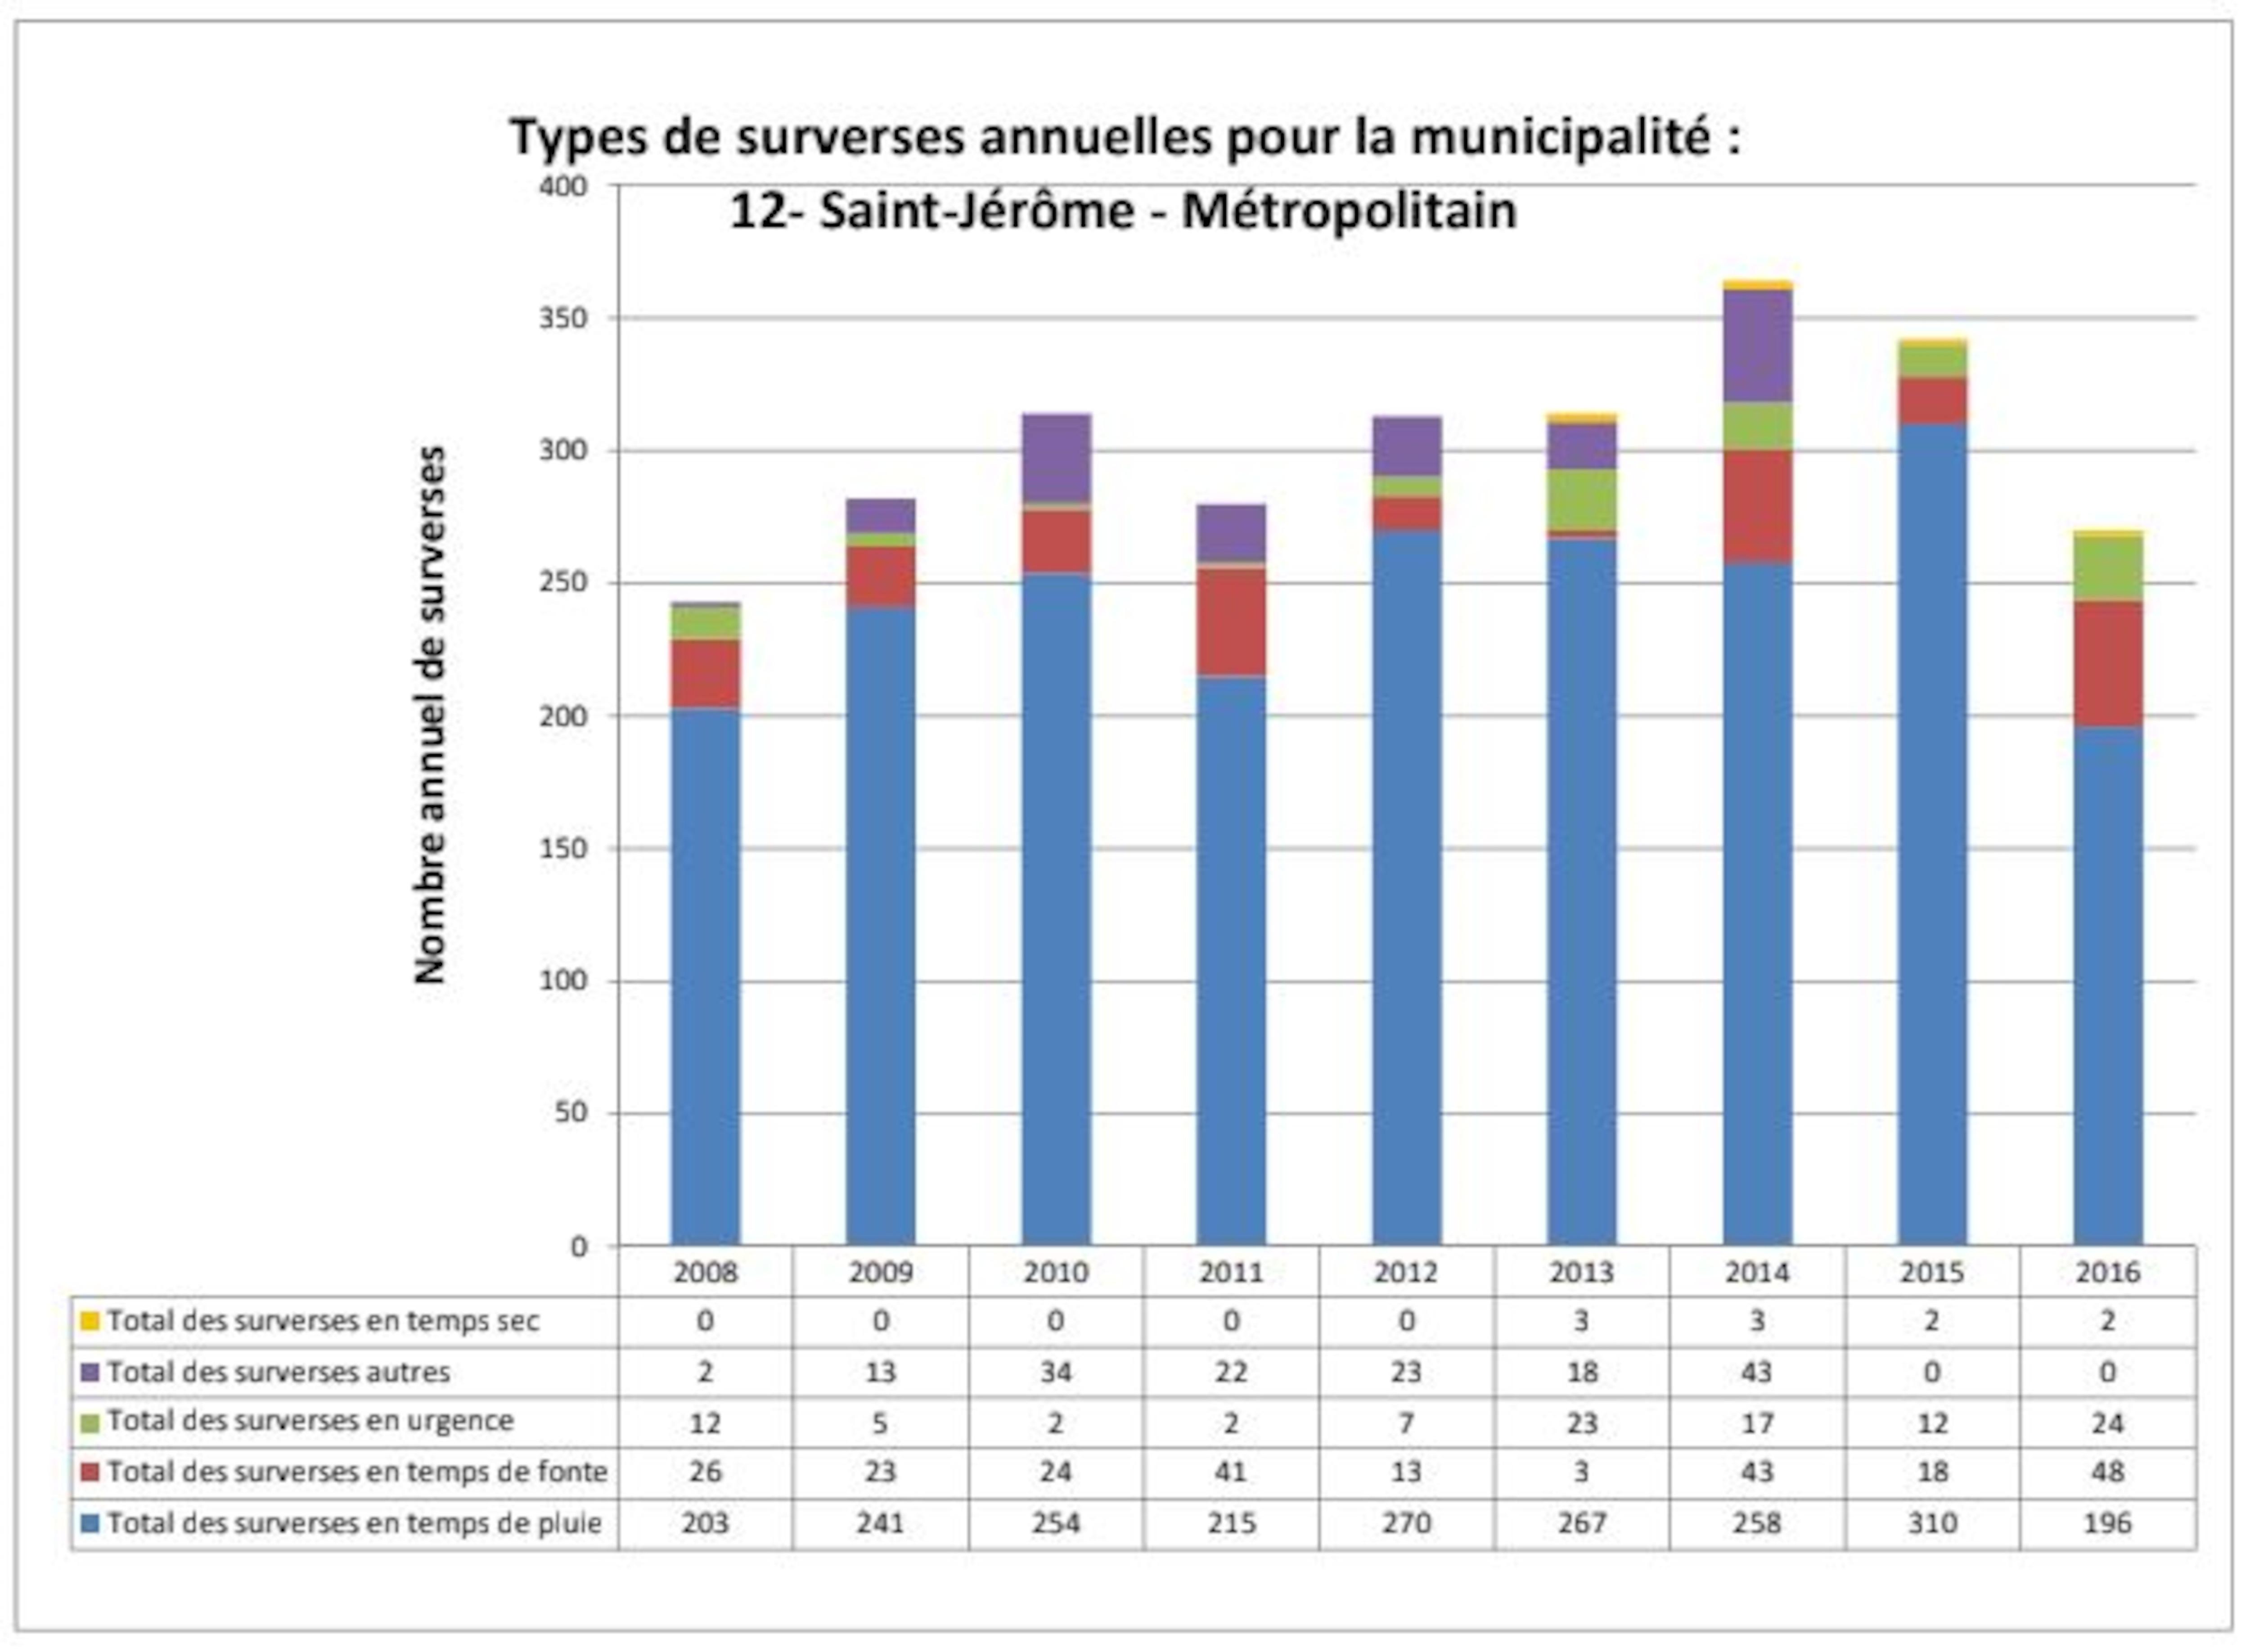 Un graphique en bâton montre qu'il y a autour de 250 surverses chaque année à Montréal.